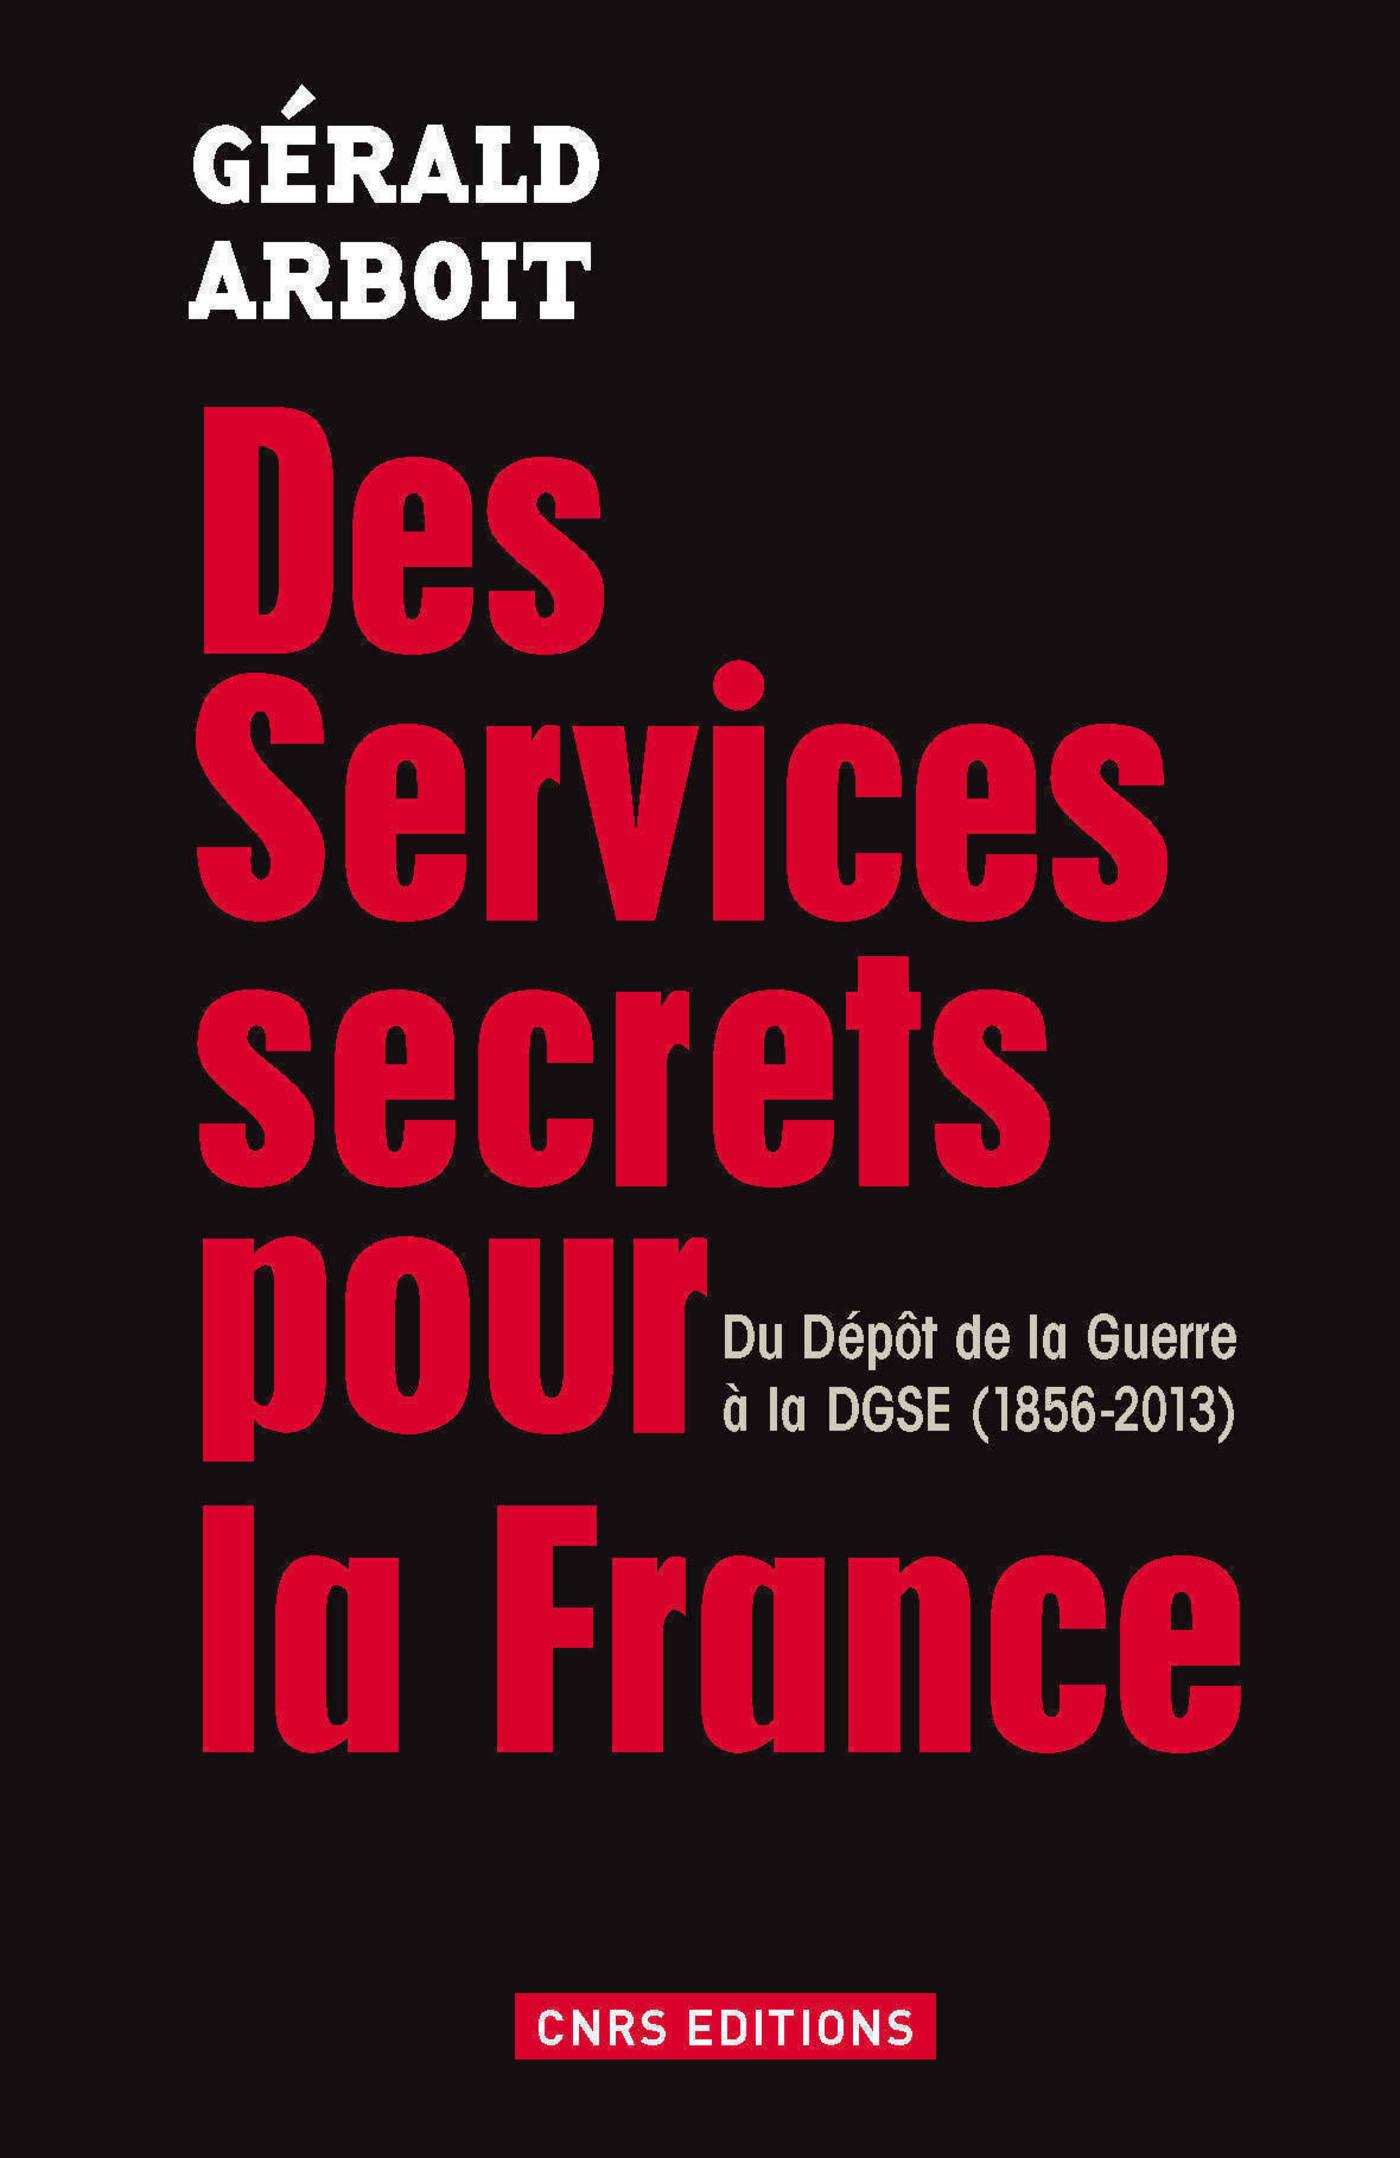 Des services secrets pour la France. Du dépôt de la Guerre à la DGSE(1856-2013)